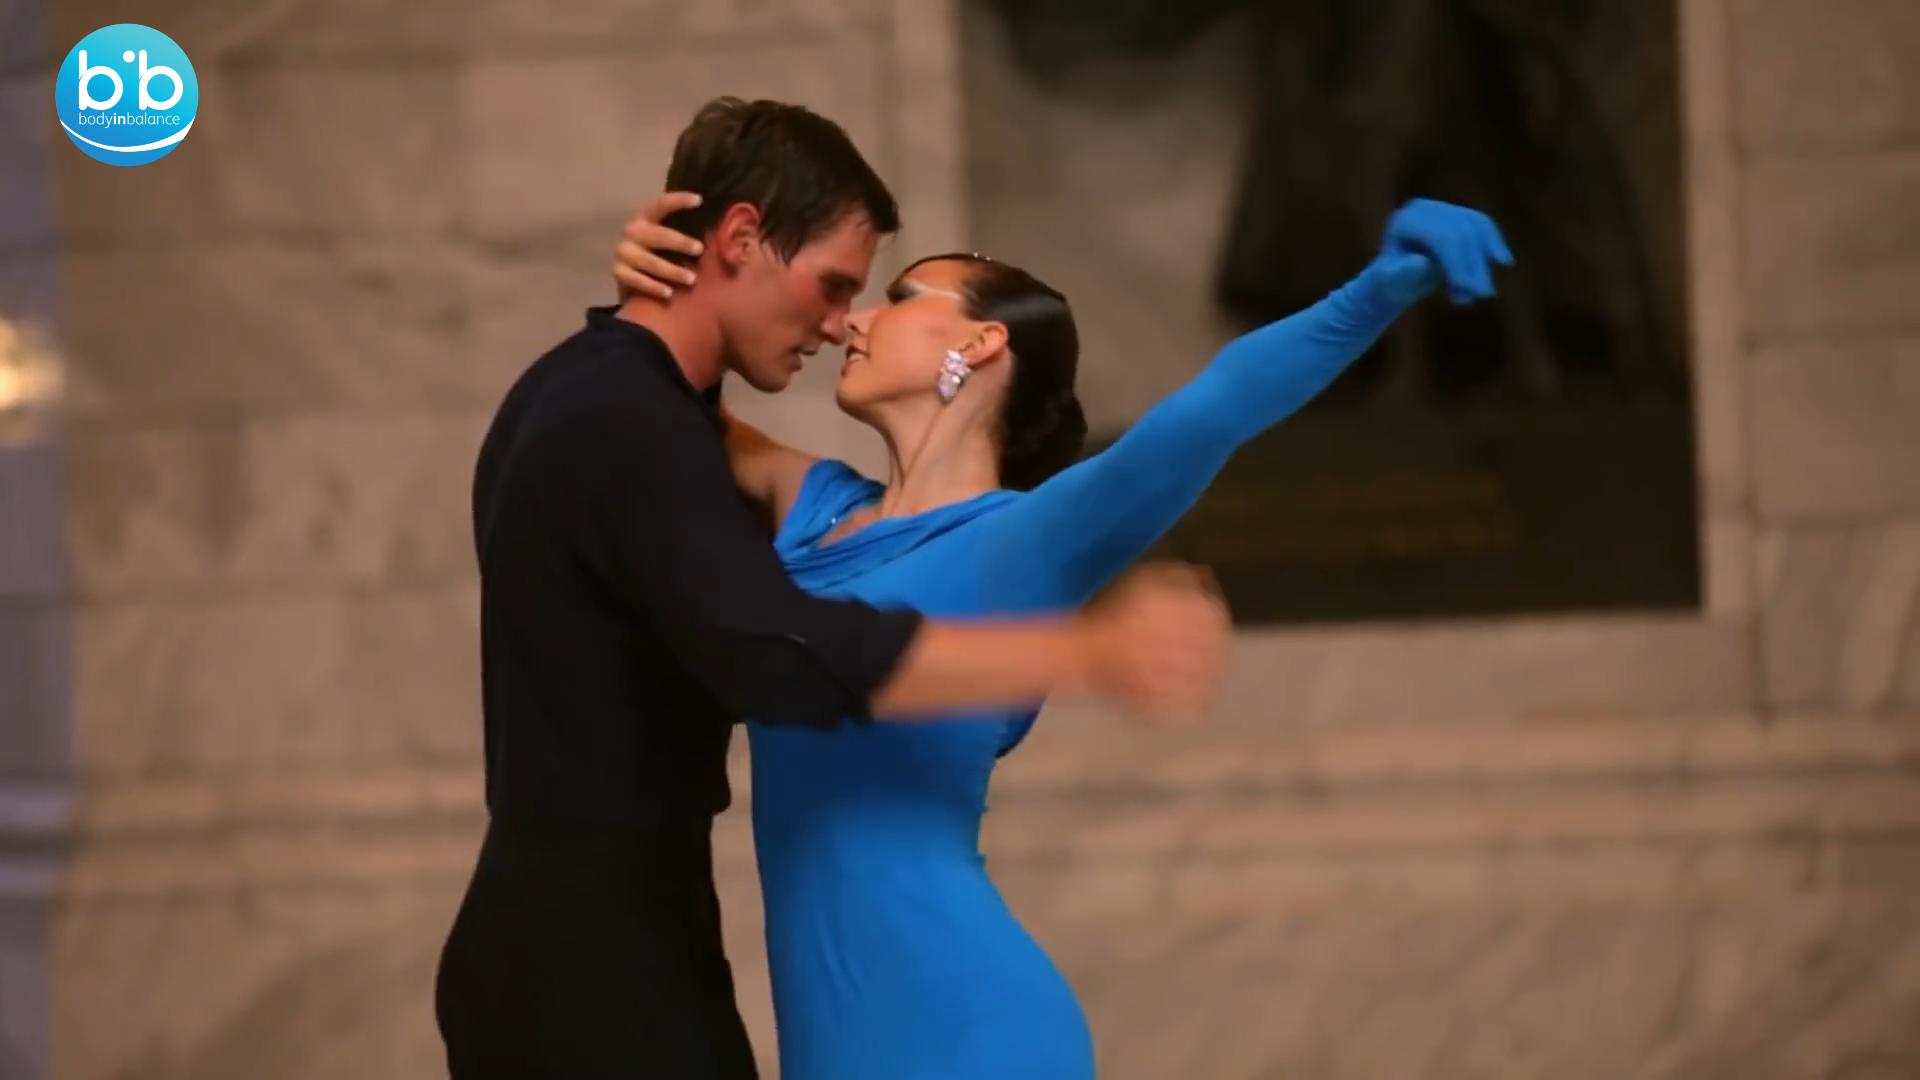 Ο Χορός είναι μια κίνηση σε δημιουργική σχέση με τη μουσική, αλληλεπιδρούν σε ένα μοναδικό κάθε φορά αποτέλεσμα. Είναι απόλαυση για τις αισθήσεις να παρακολουθείς τους χορευτές να στροβιλίζονται!